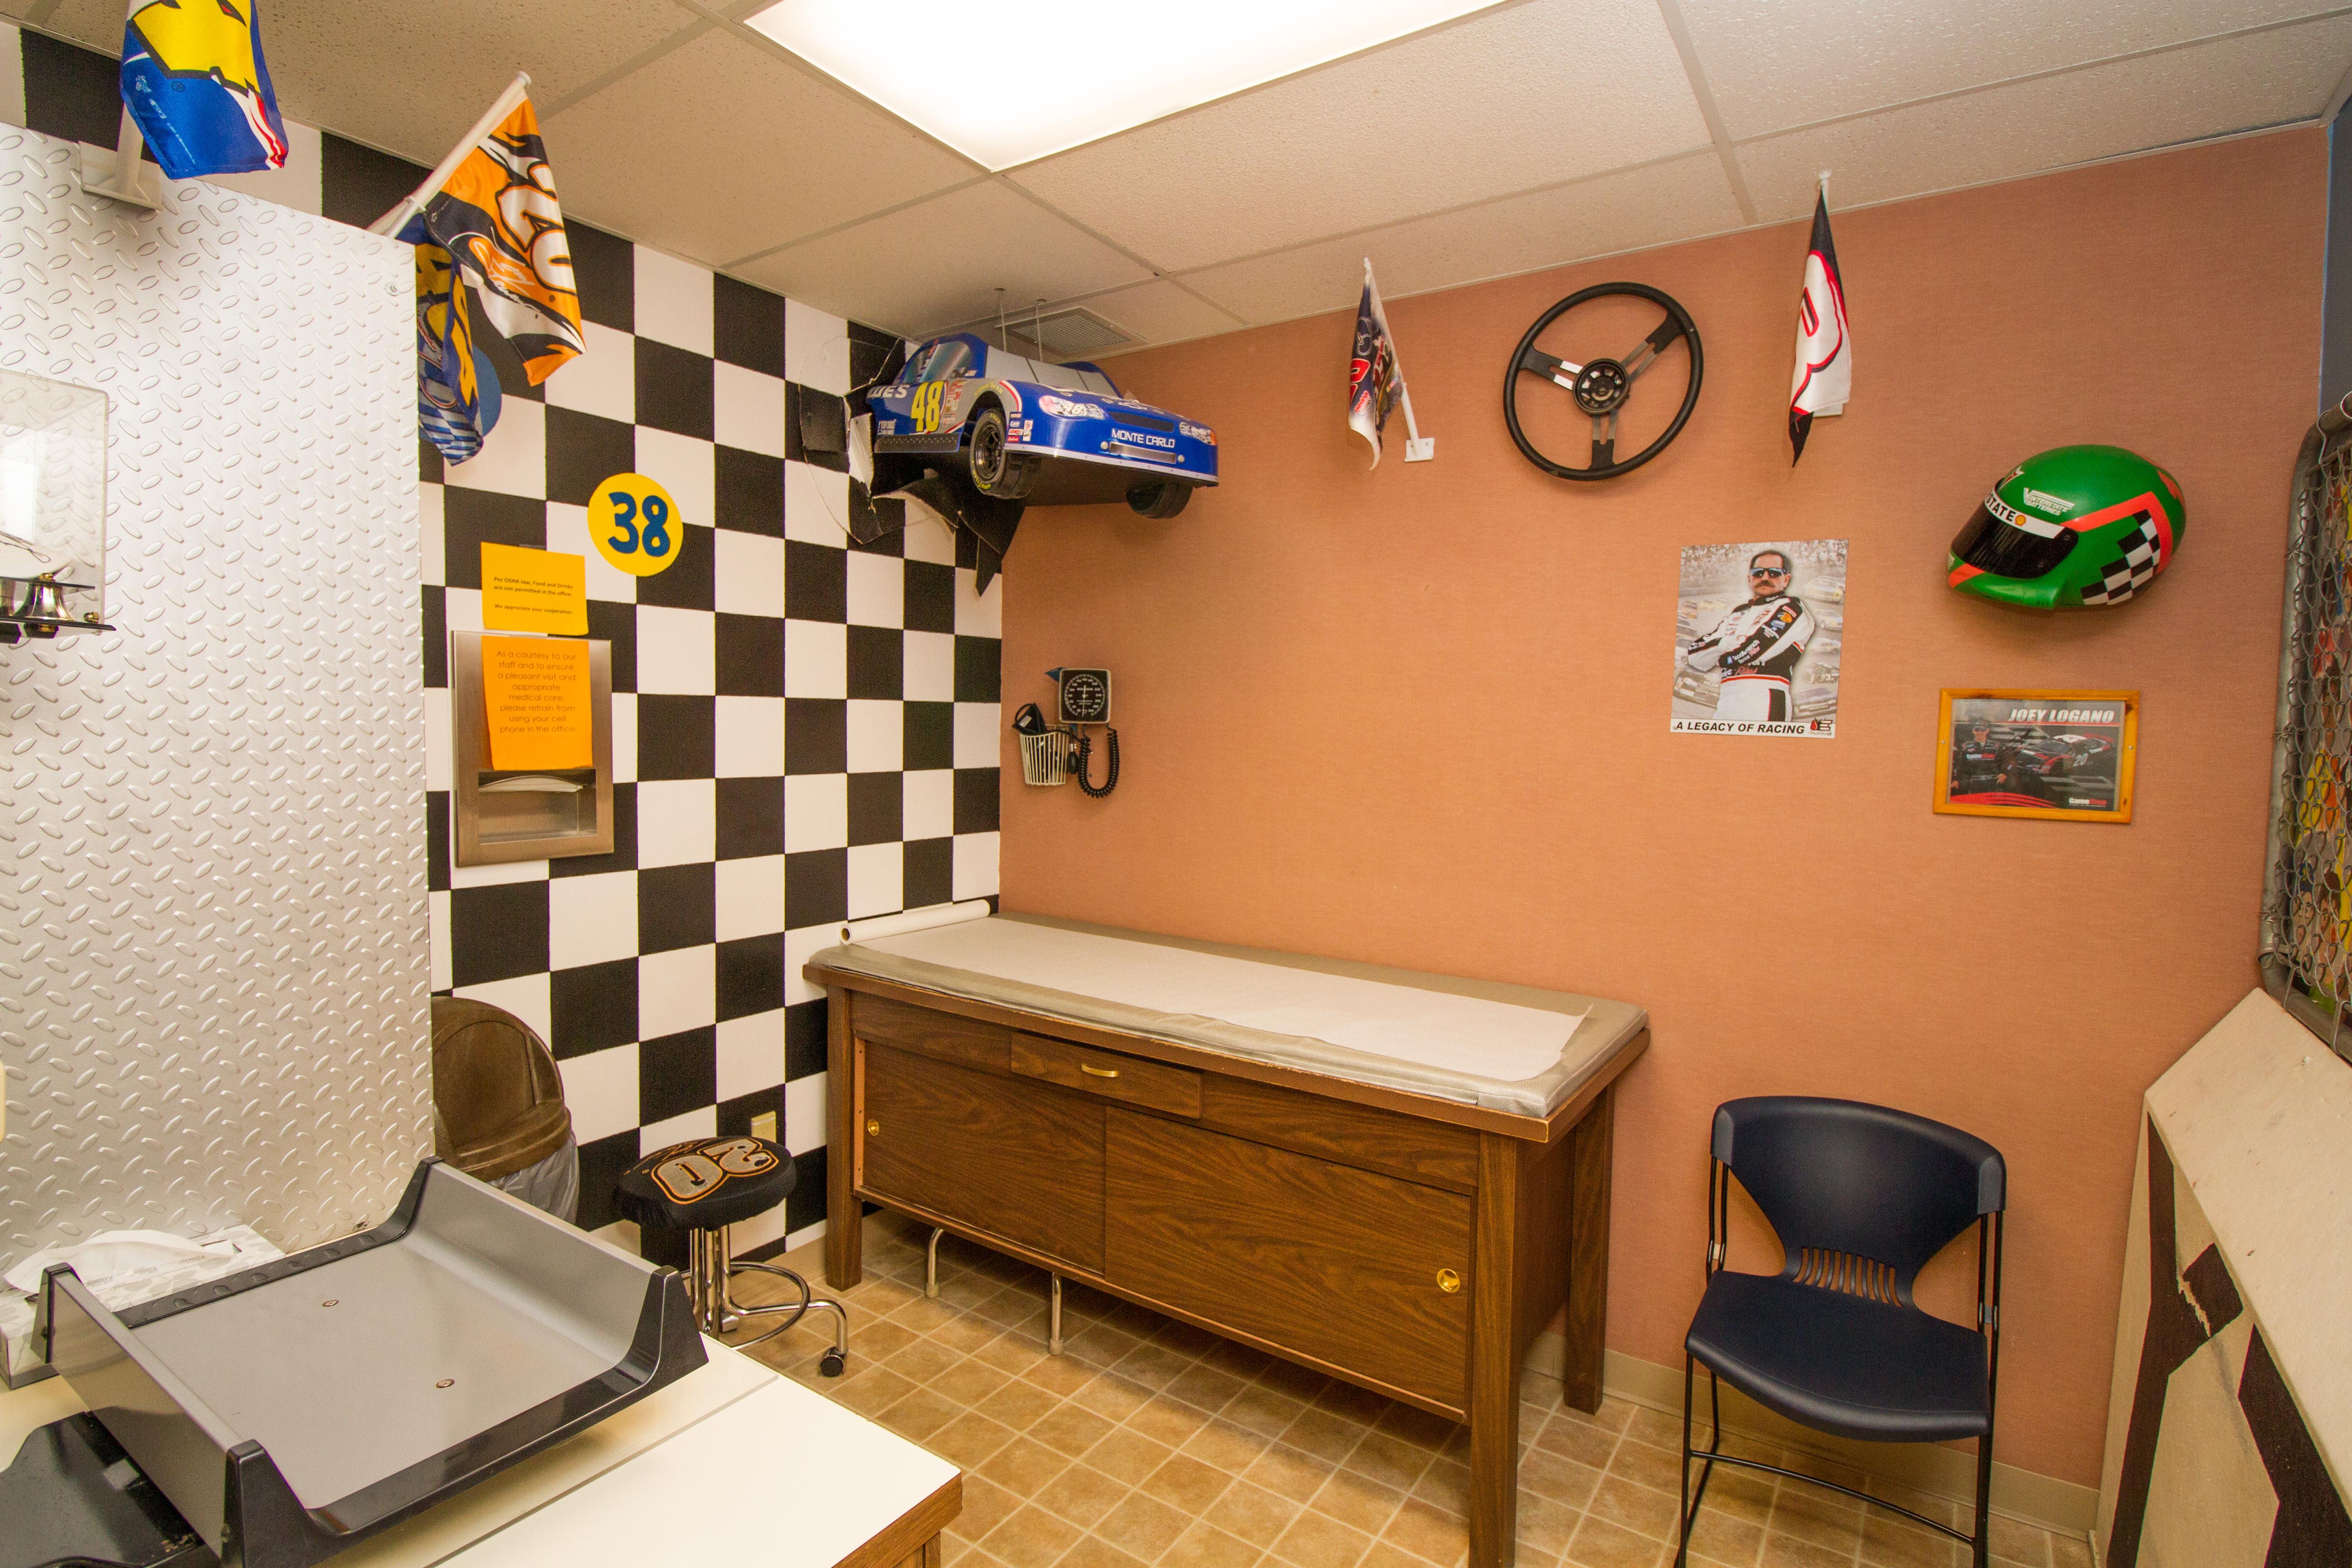 The Nascar Room